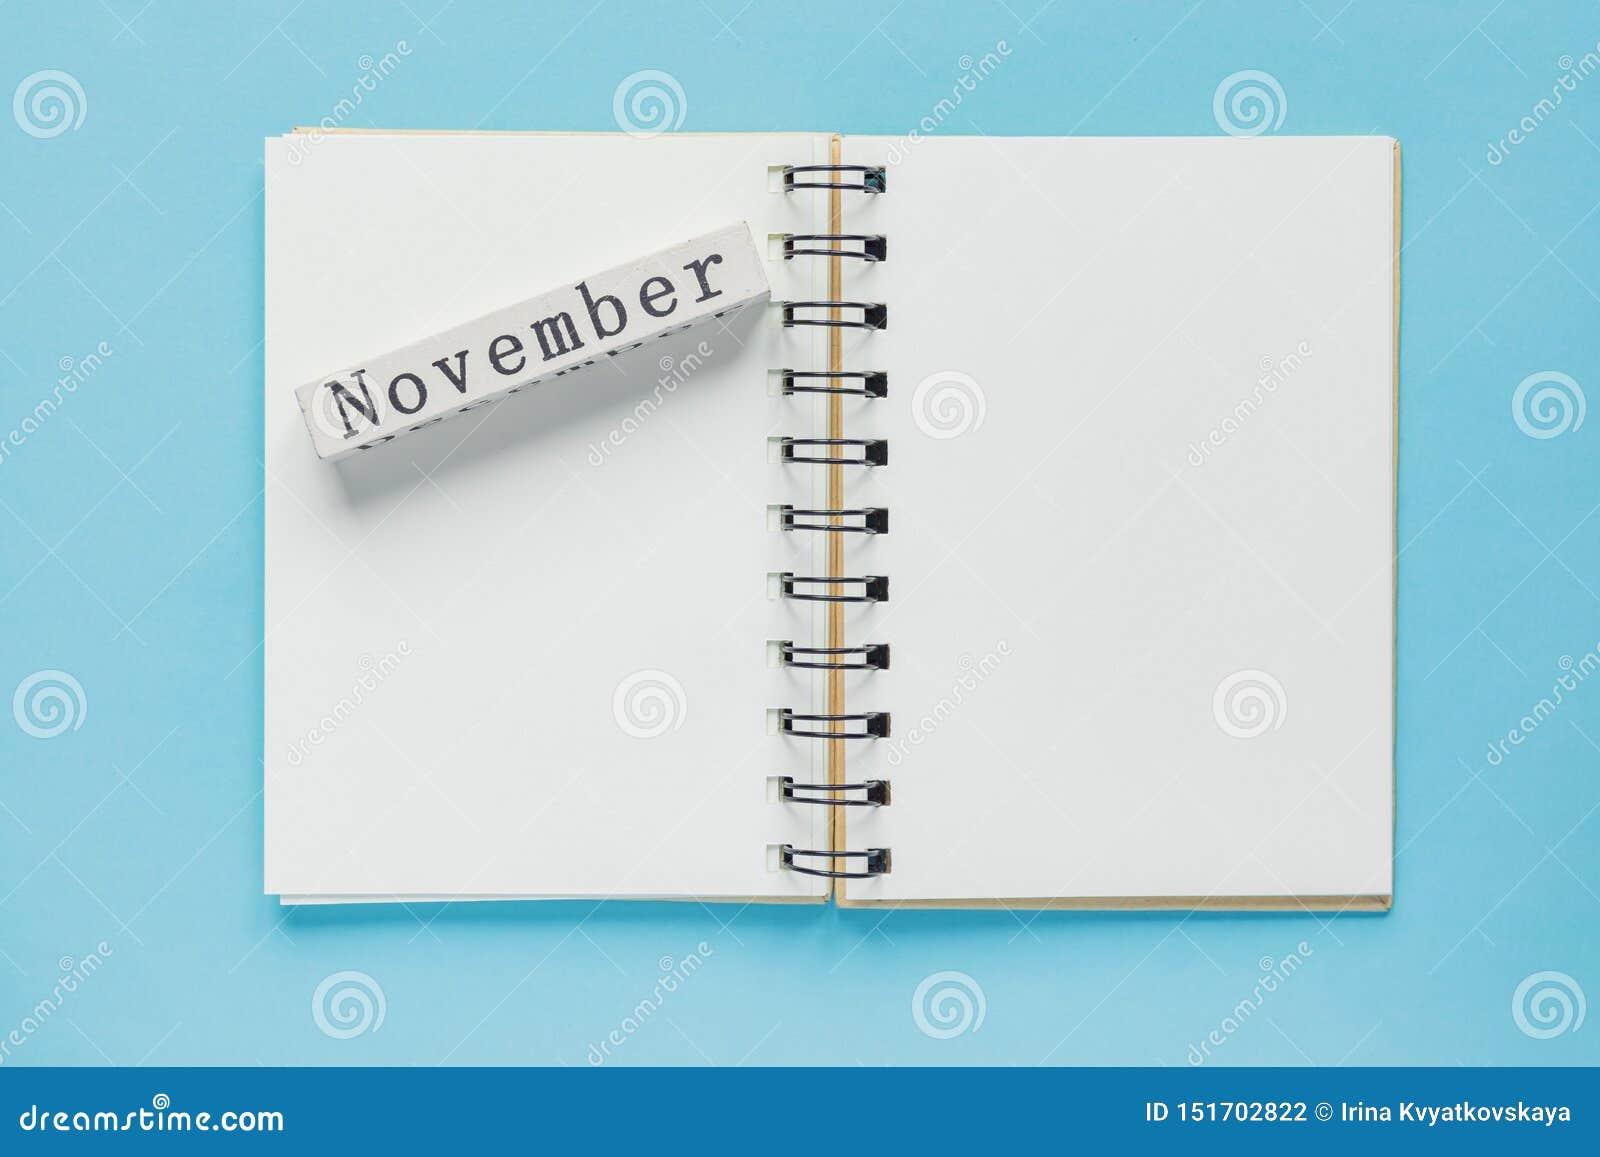 Sauberes gewundenes Anmerkungsbuch für Anmerkungen und Mitteilungen und hölzerne Kalenderstange Novembers auf blauem Hintergrund